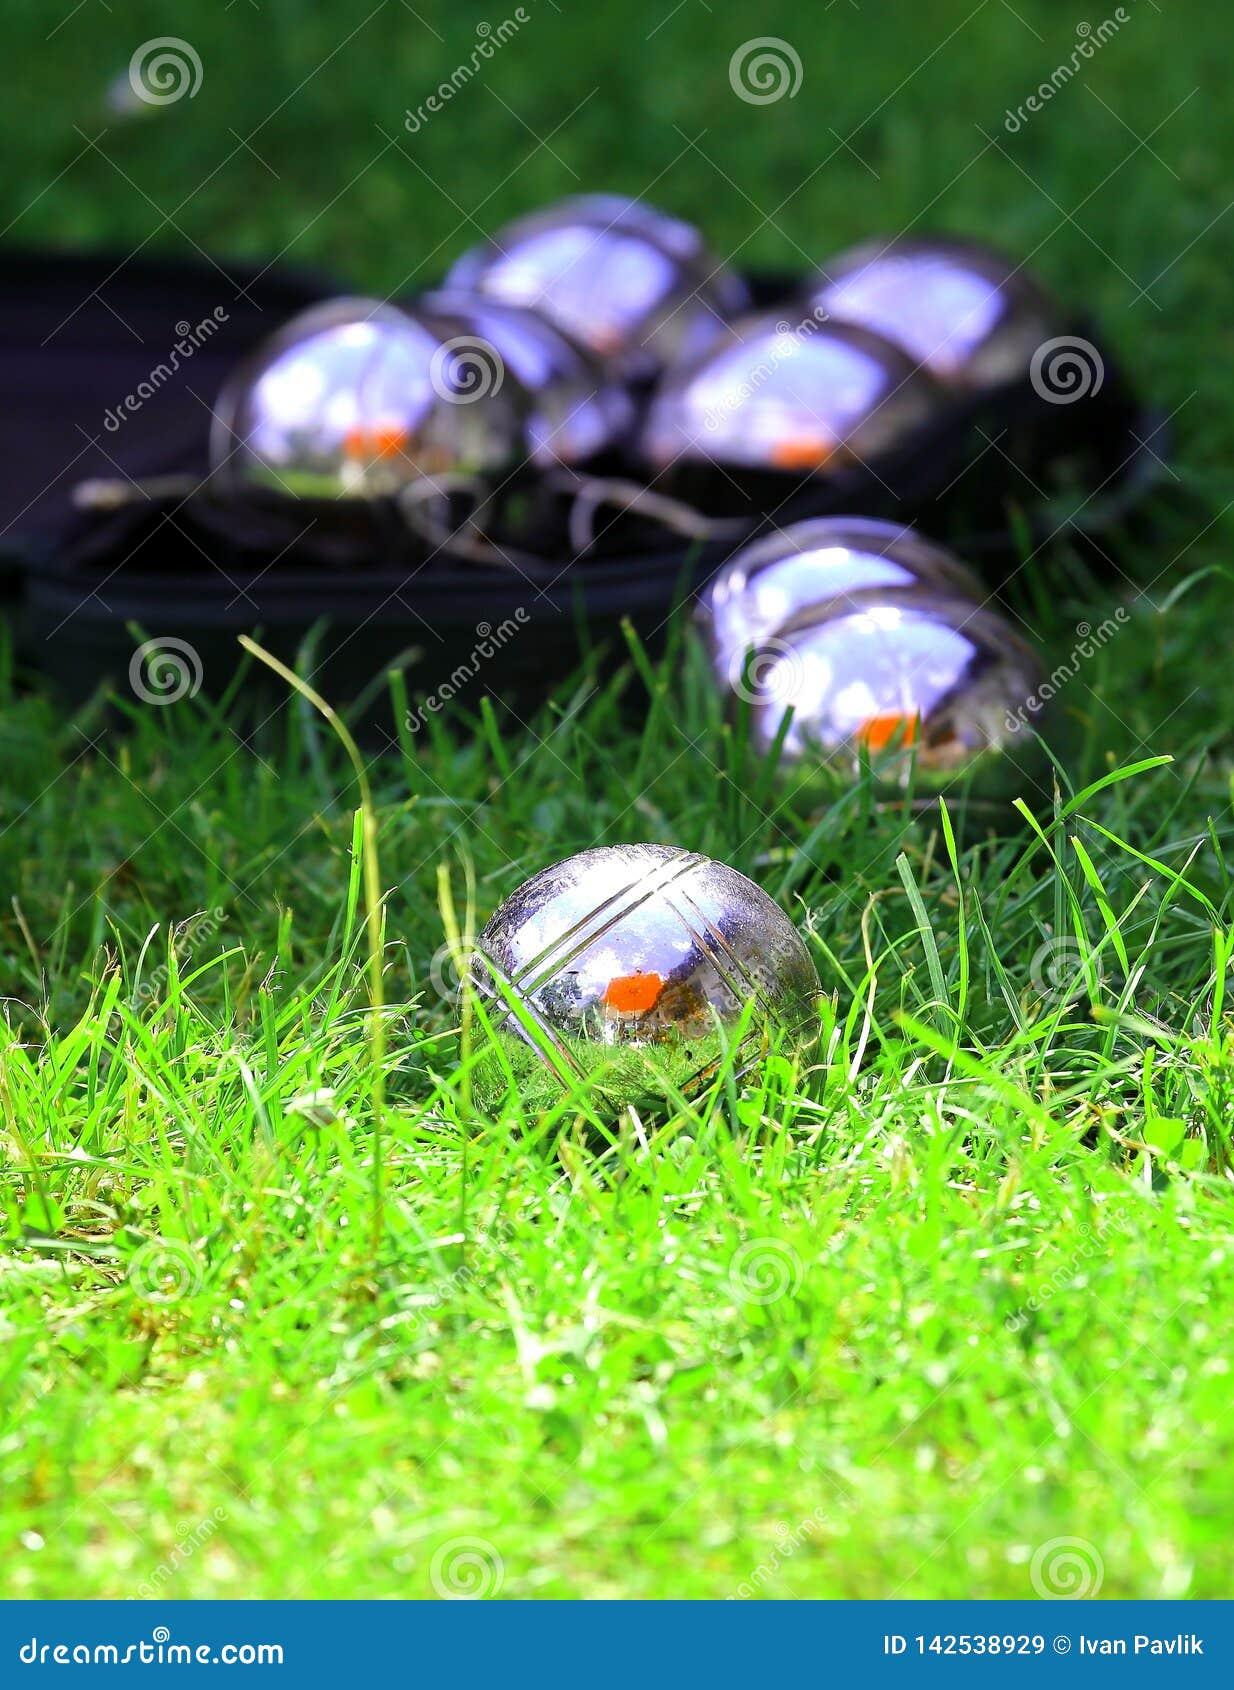 Bolas de Petanque en una hierba verde fresca